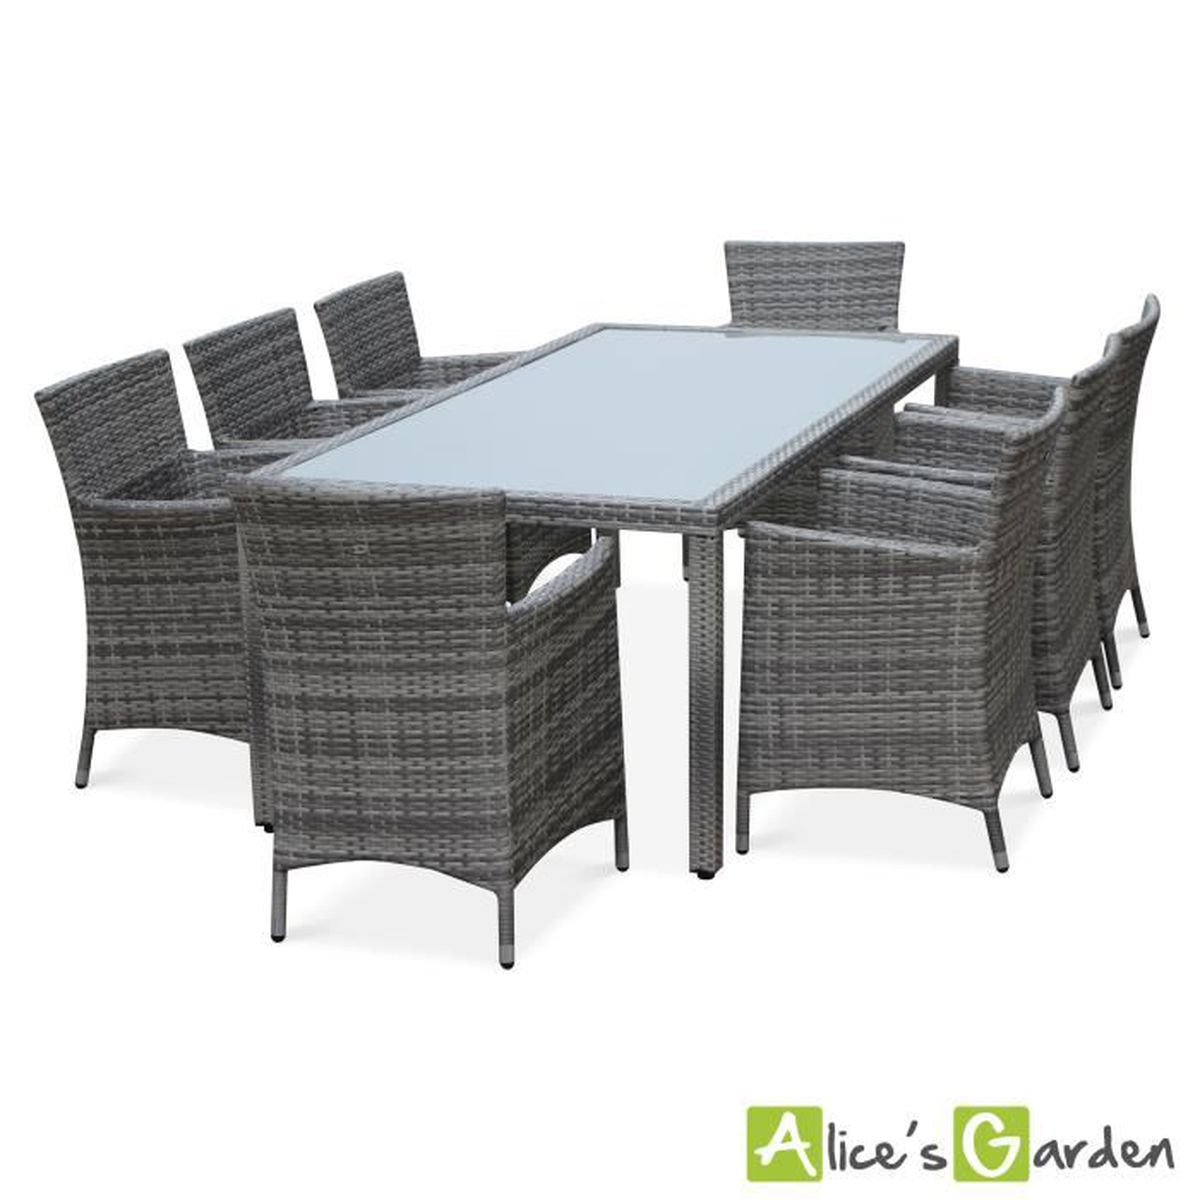 Salon de jardin en résine tressée nuances de gris, 8 fauteuils, table  200cm, structure en aluminium, coussins gris chiné